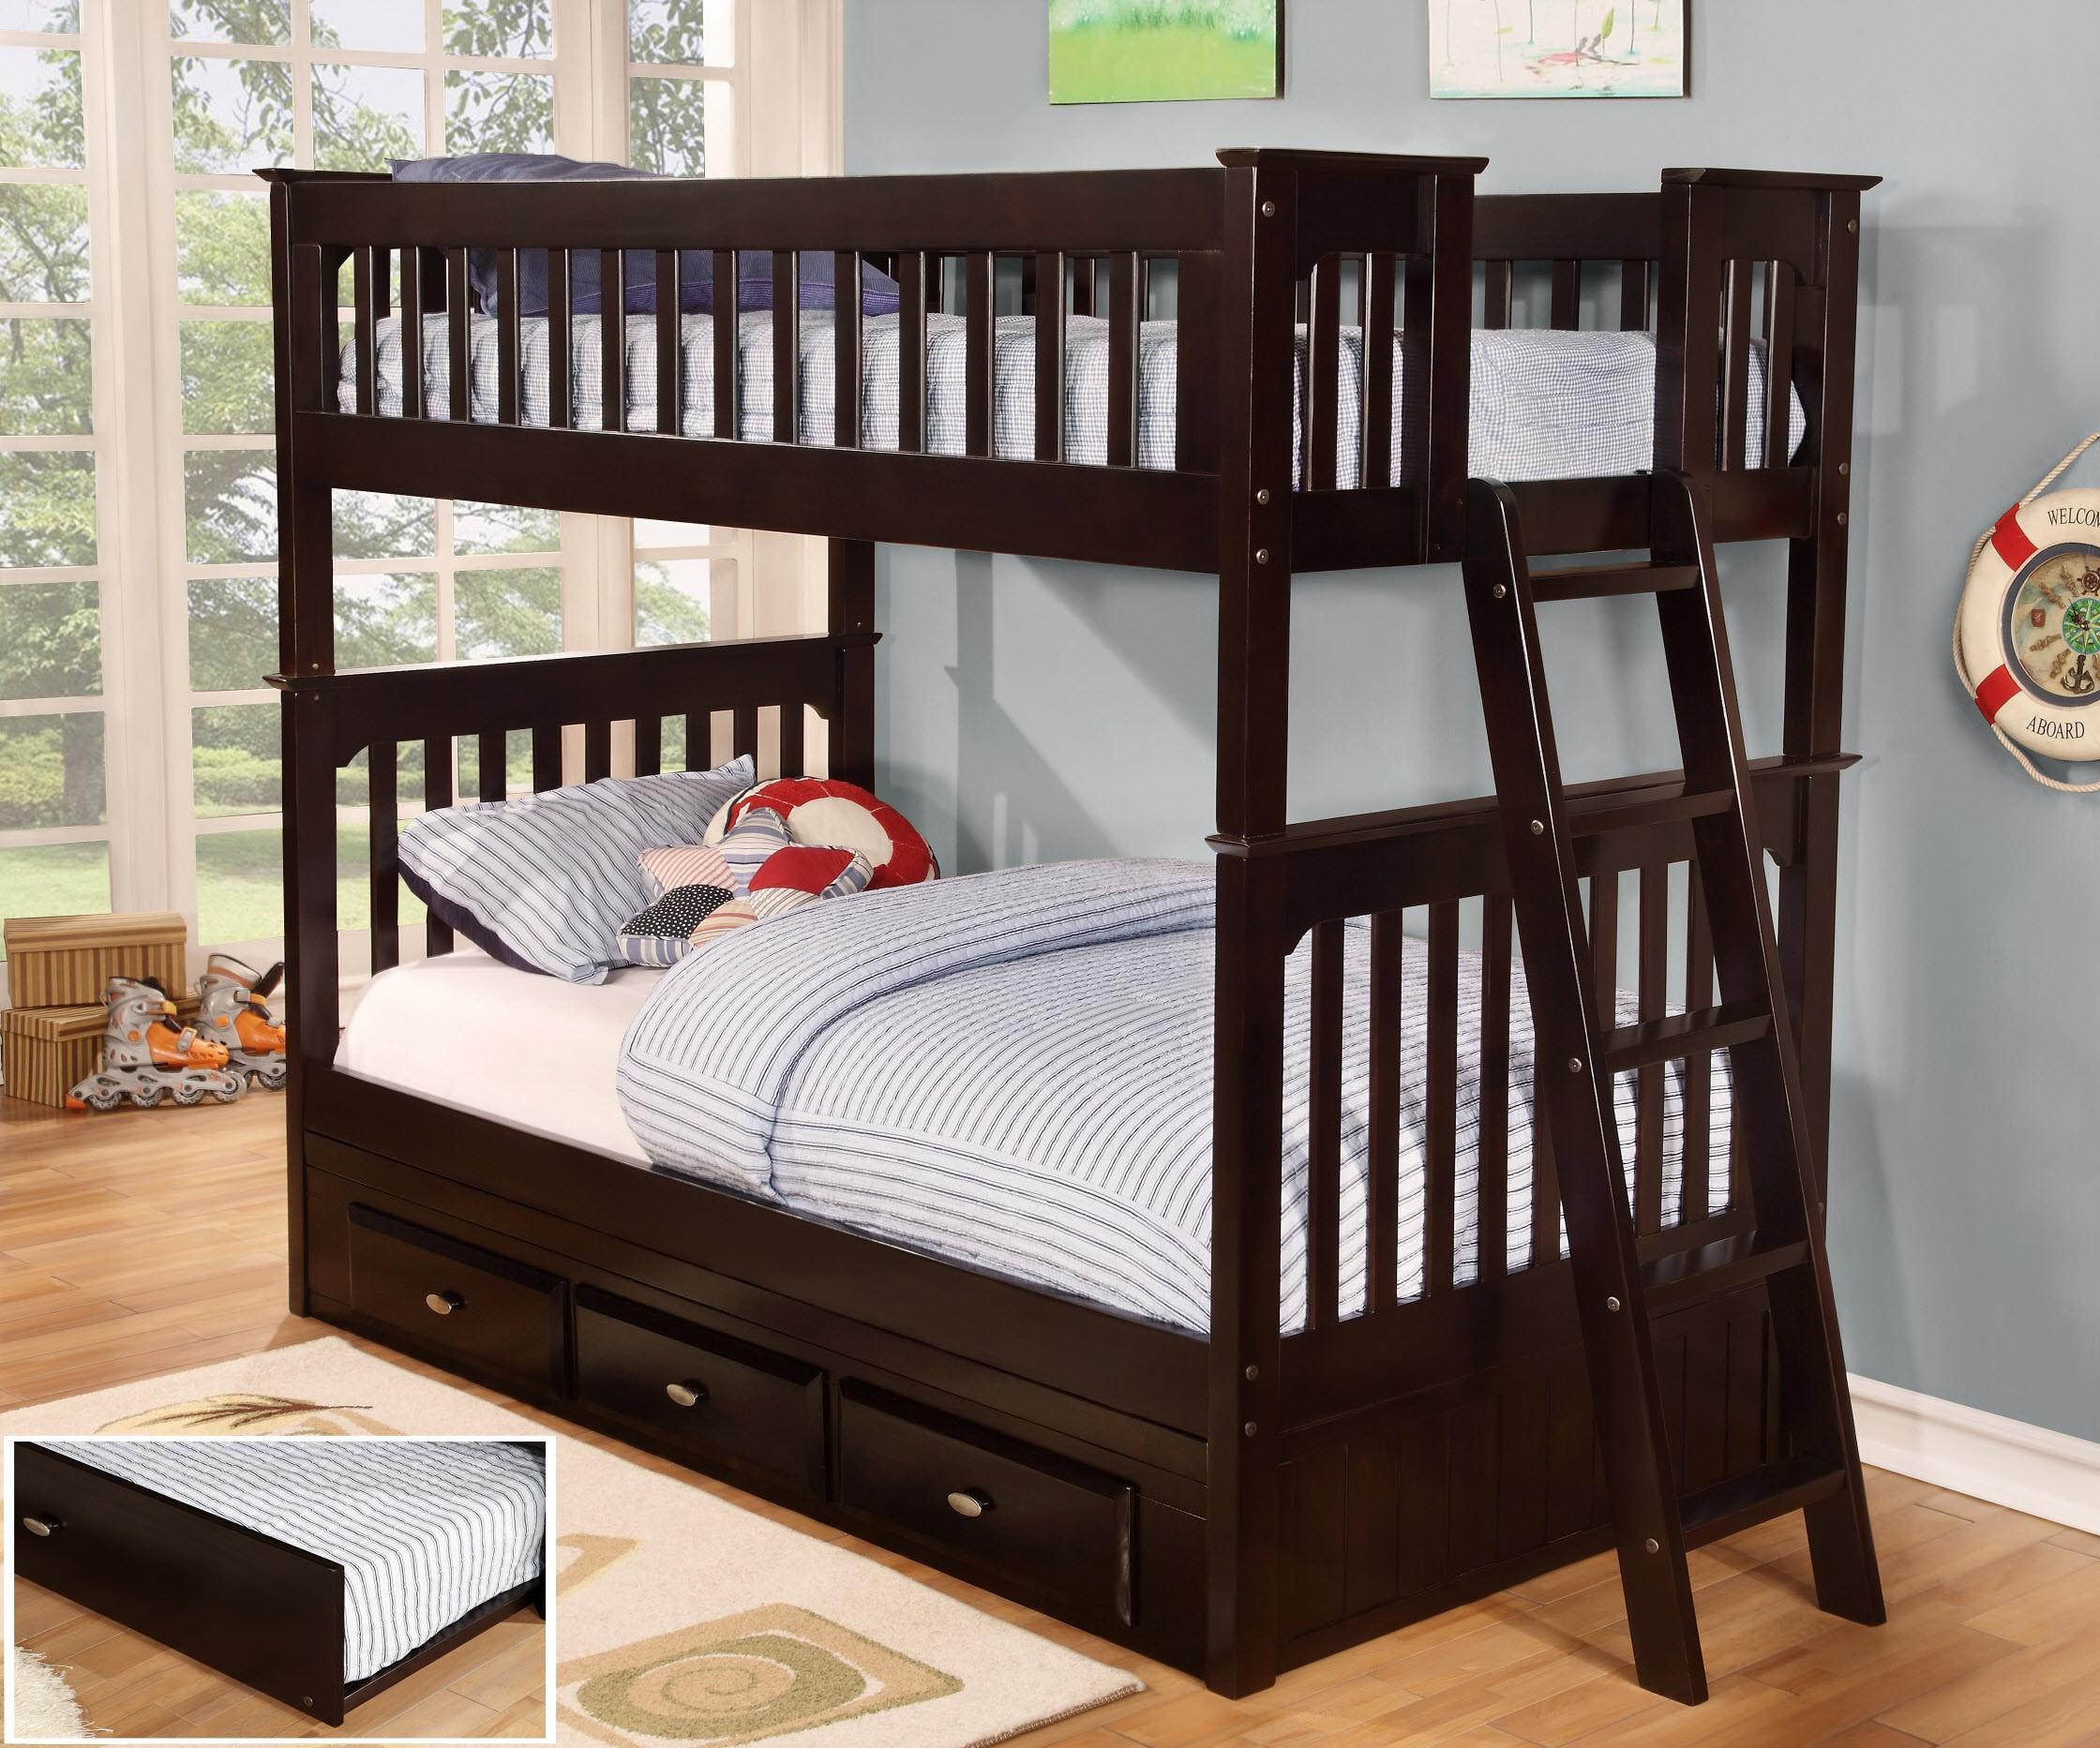 классическая двухъярусная кровать